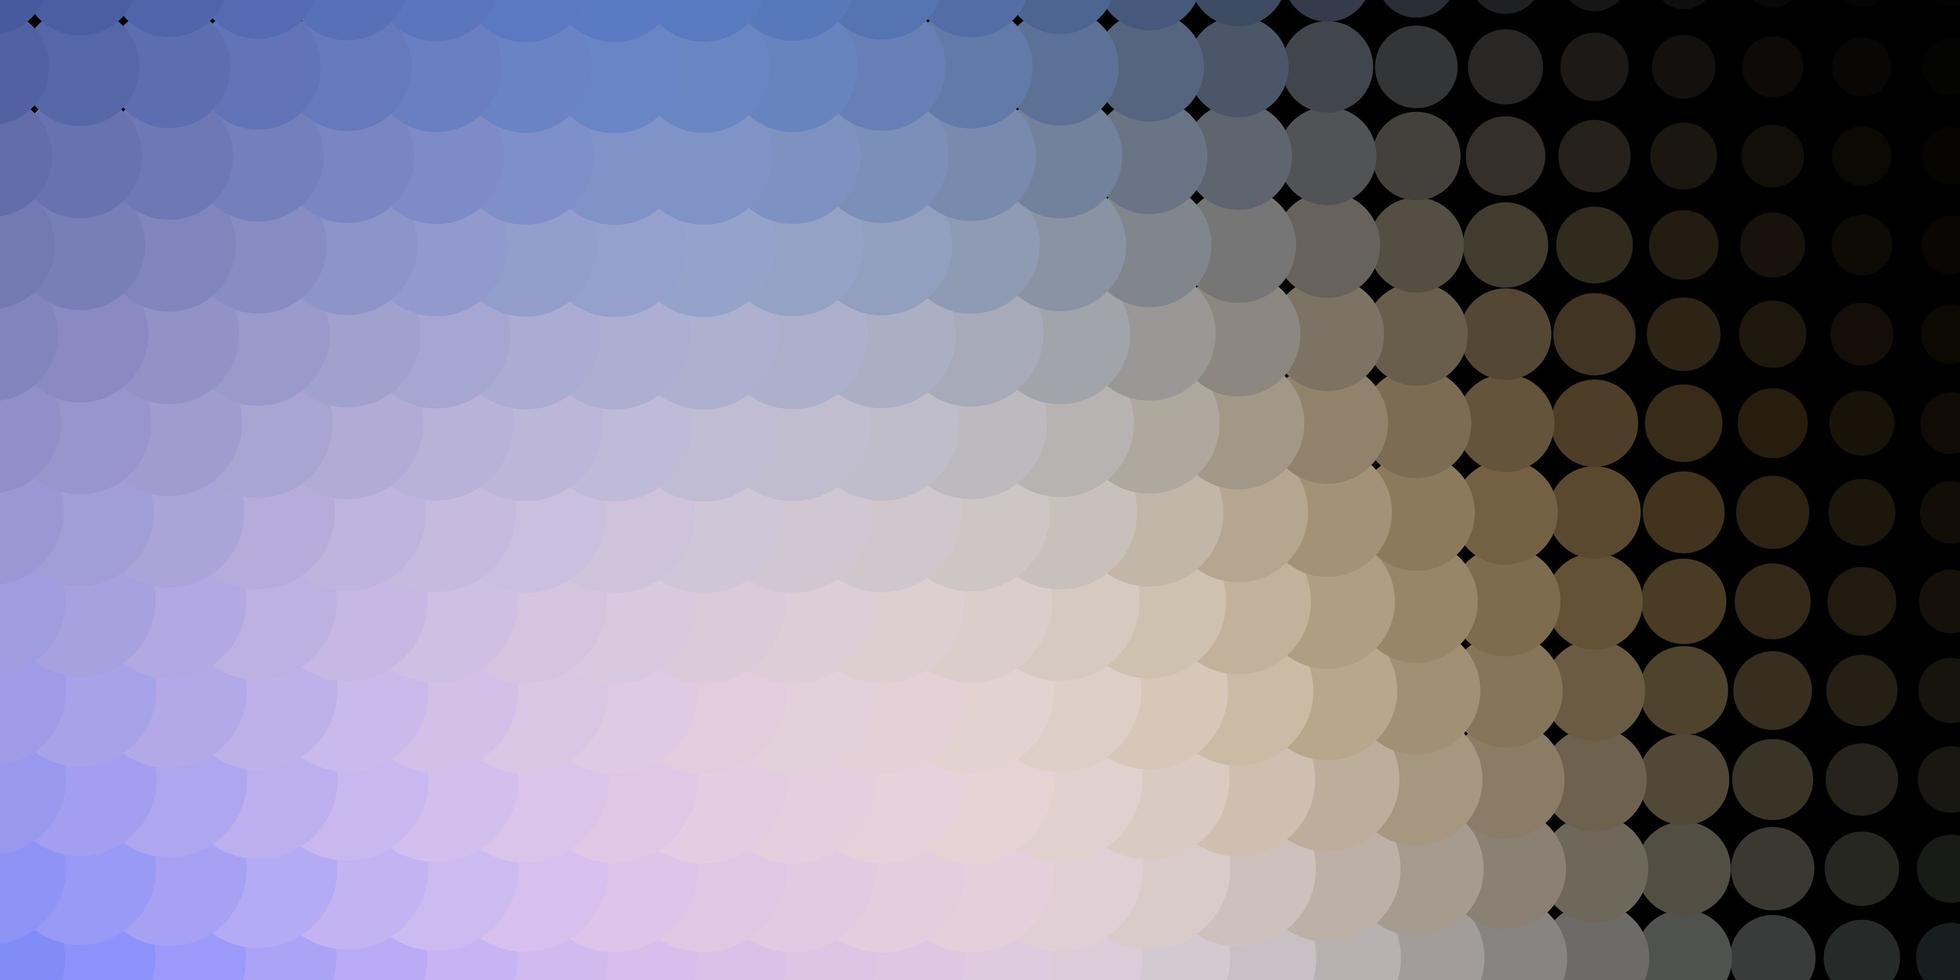 ljusblått, gult mönster med sfärer. vektor